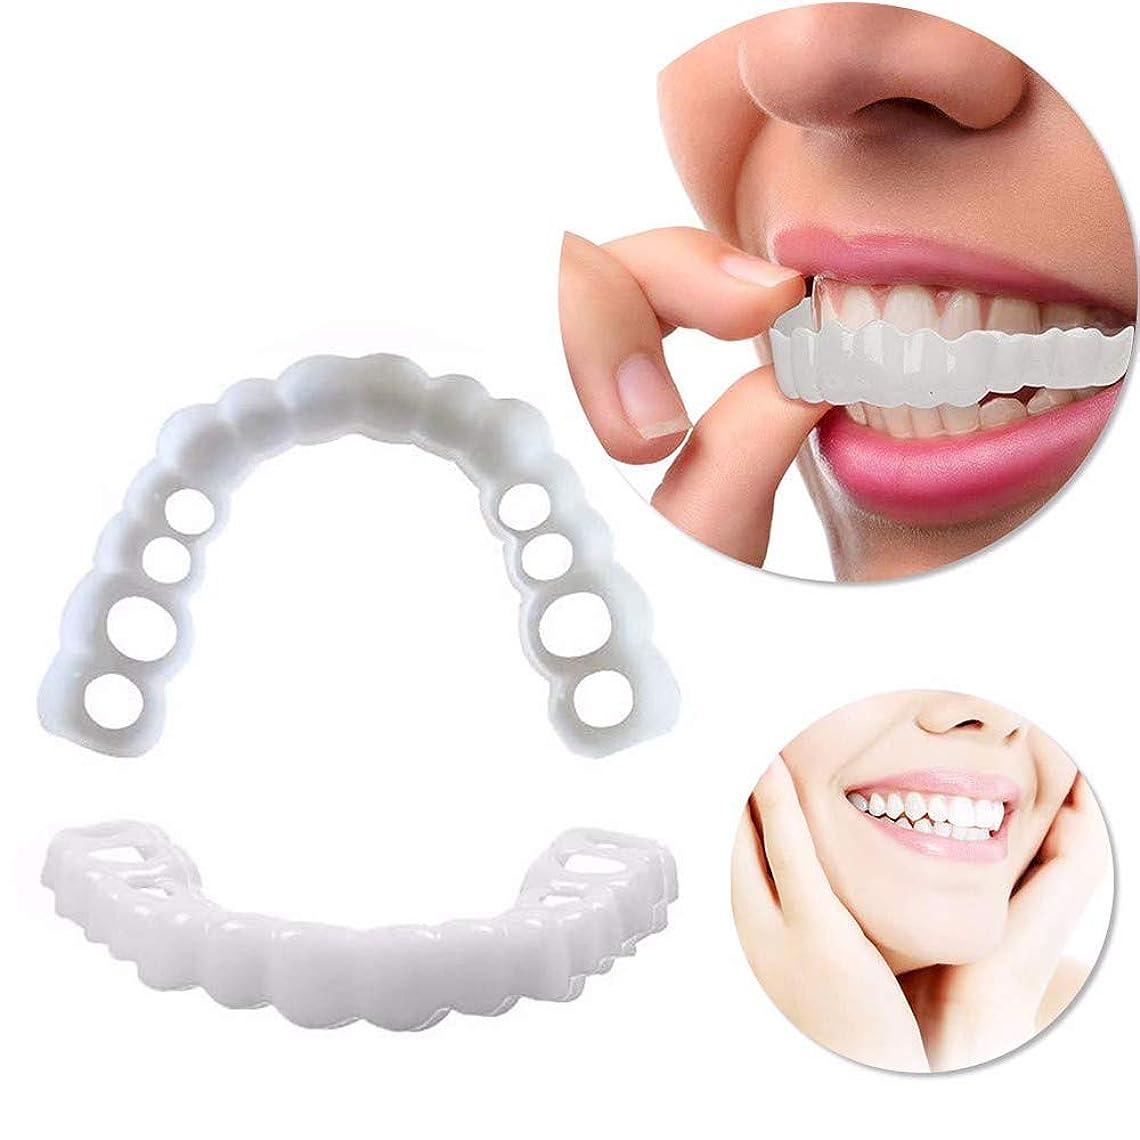 ヒップジョージエリオット小麦柔らかい化粧品の歯のための快適な歯科ベニヤの微笑はシリコーンのブレースを白くするより低い化粧,20pairs